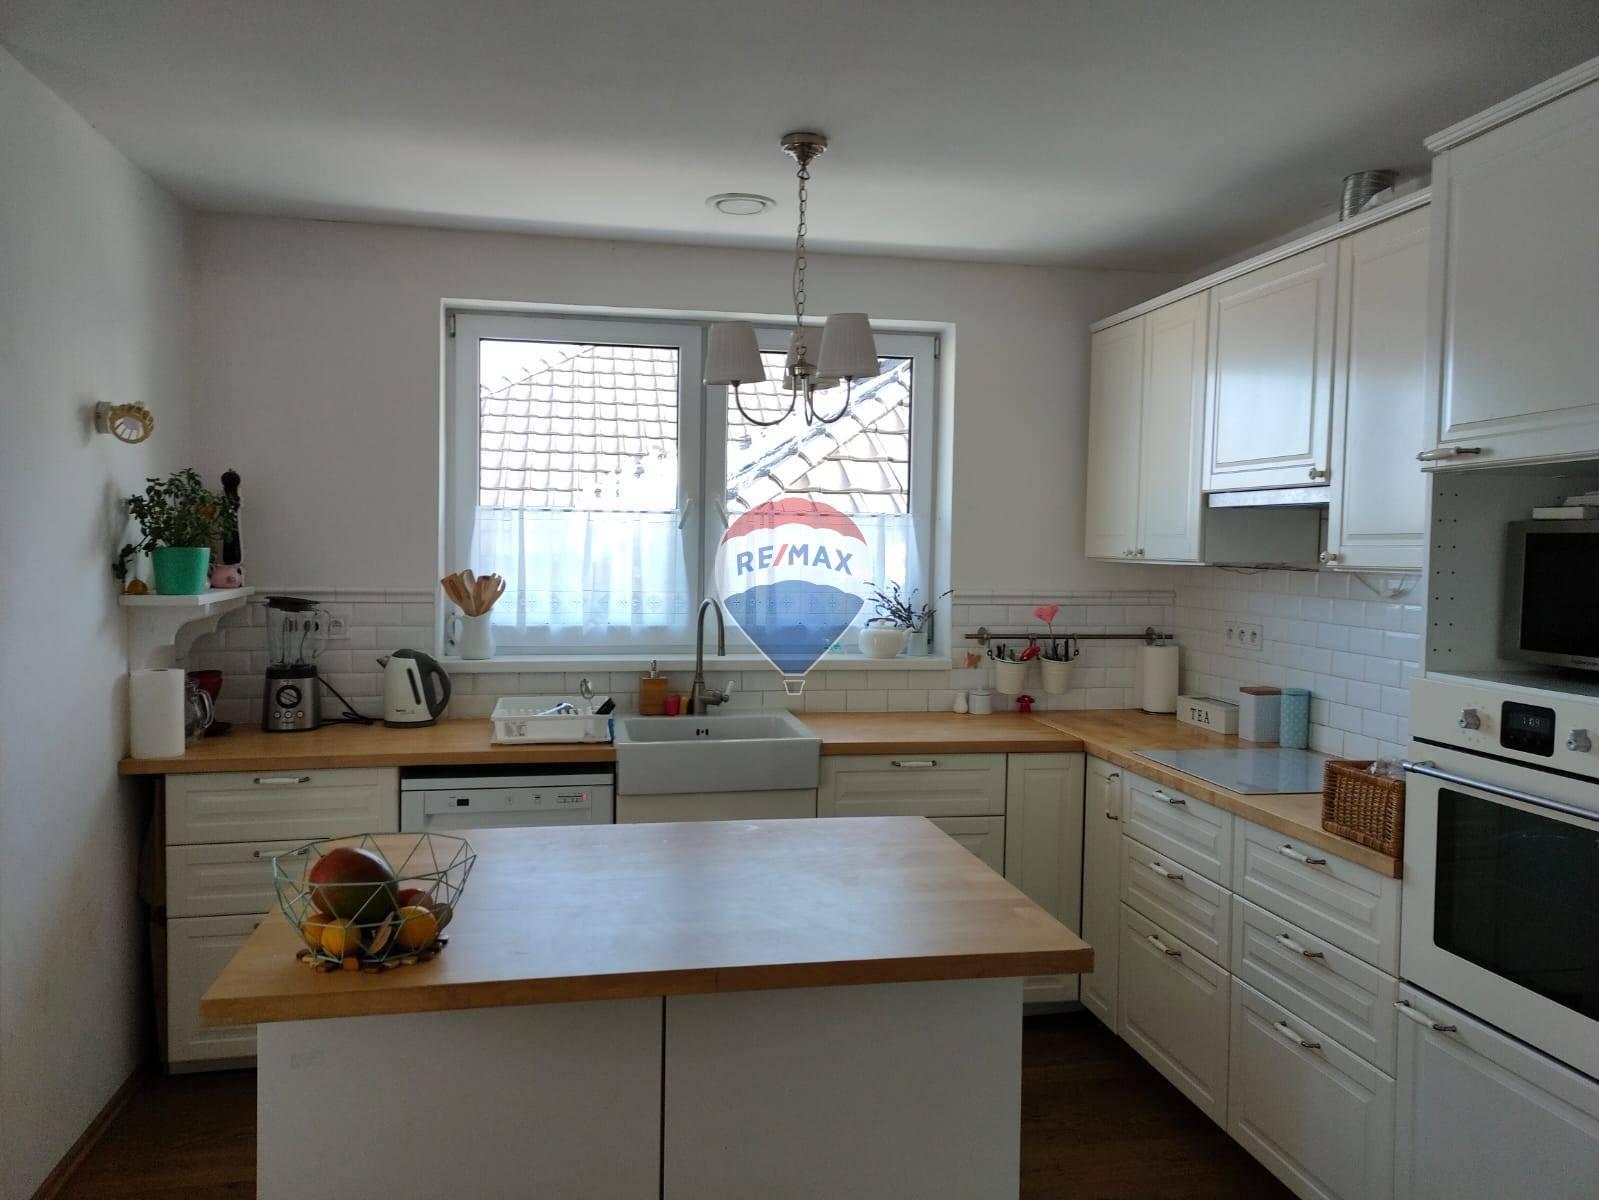 Prenájom domu 130 m2, Košice - Krásna -